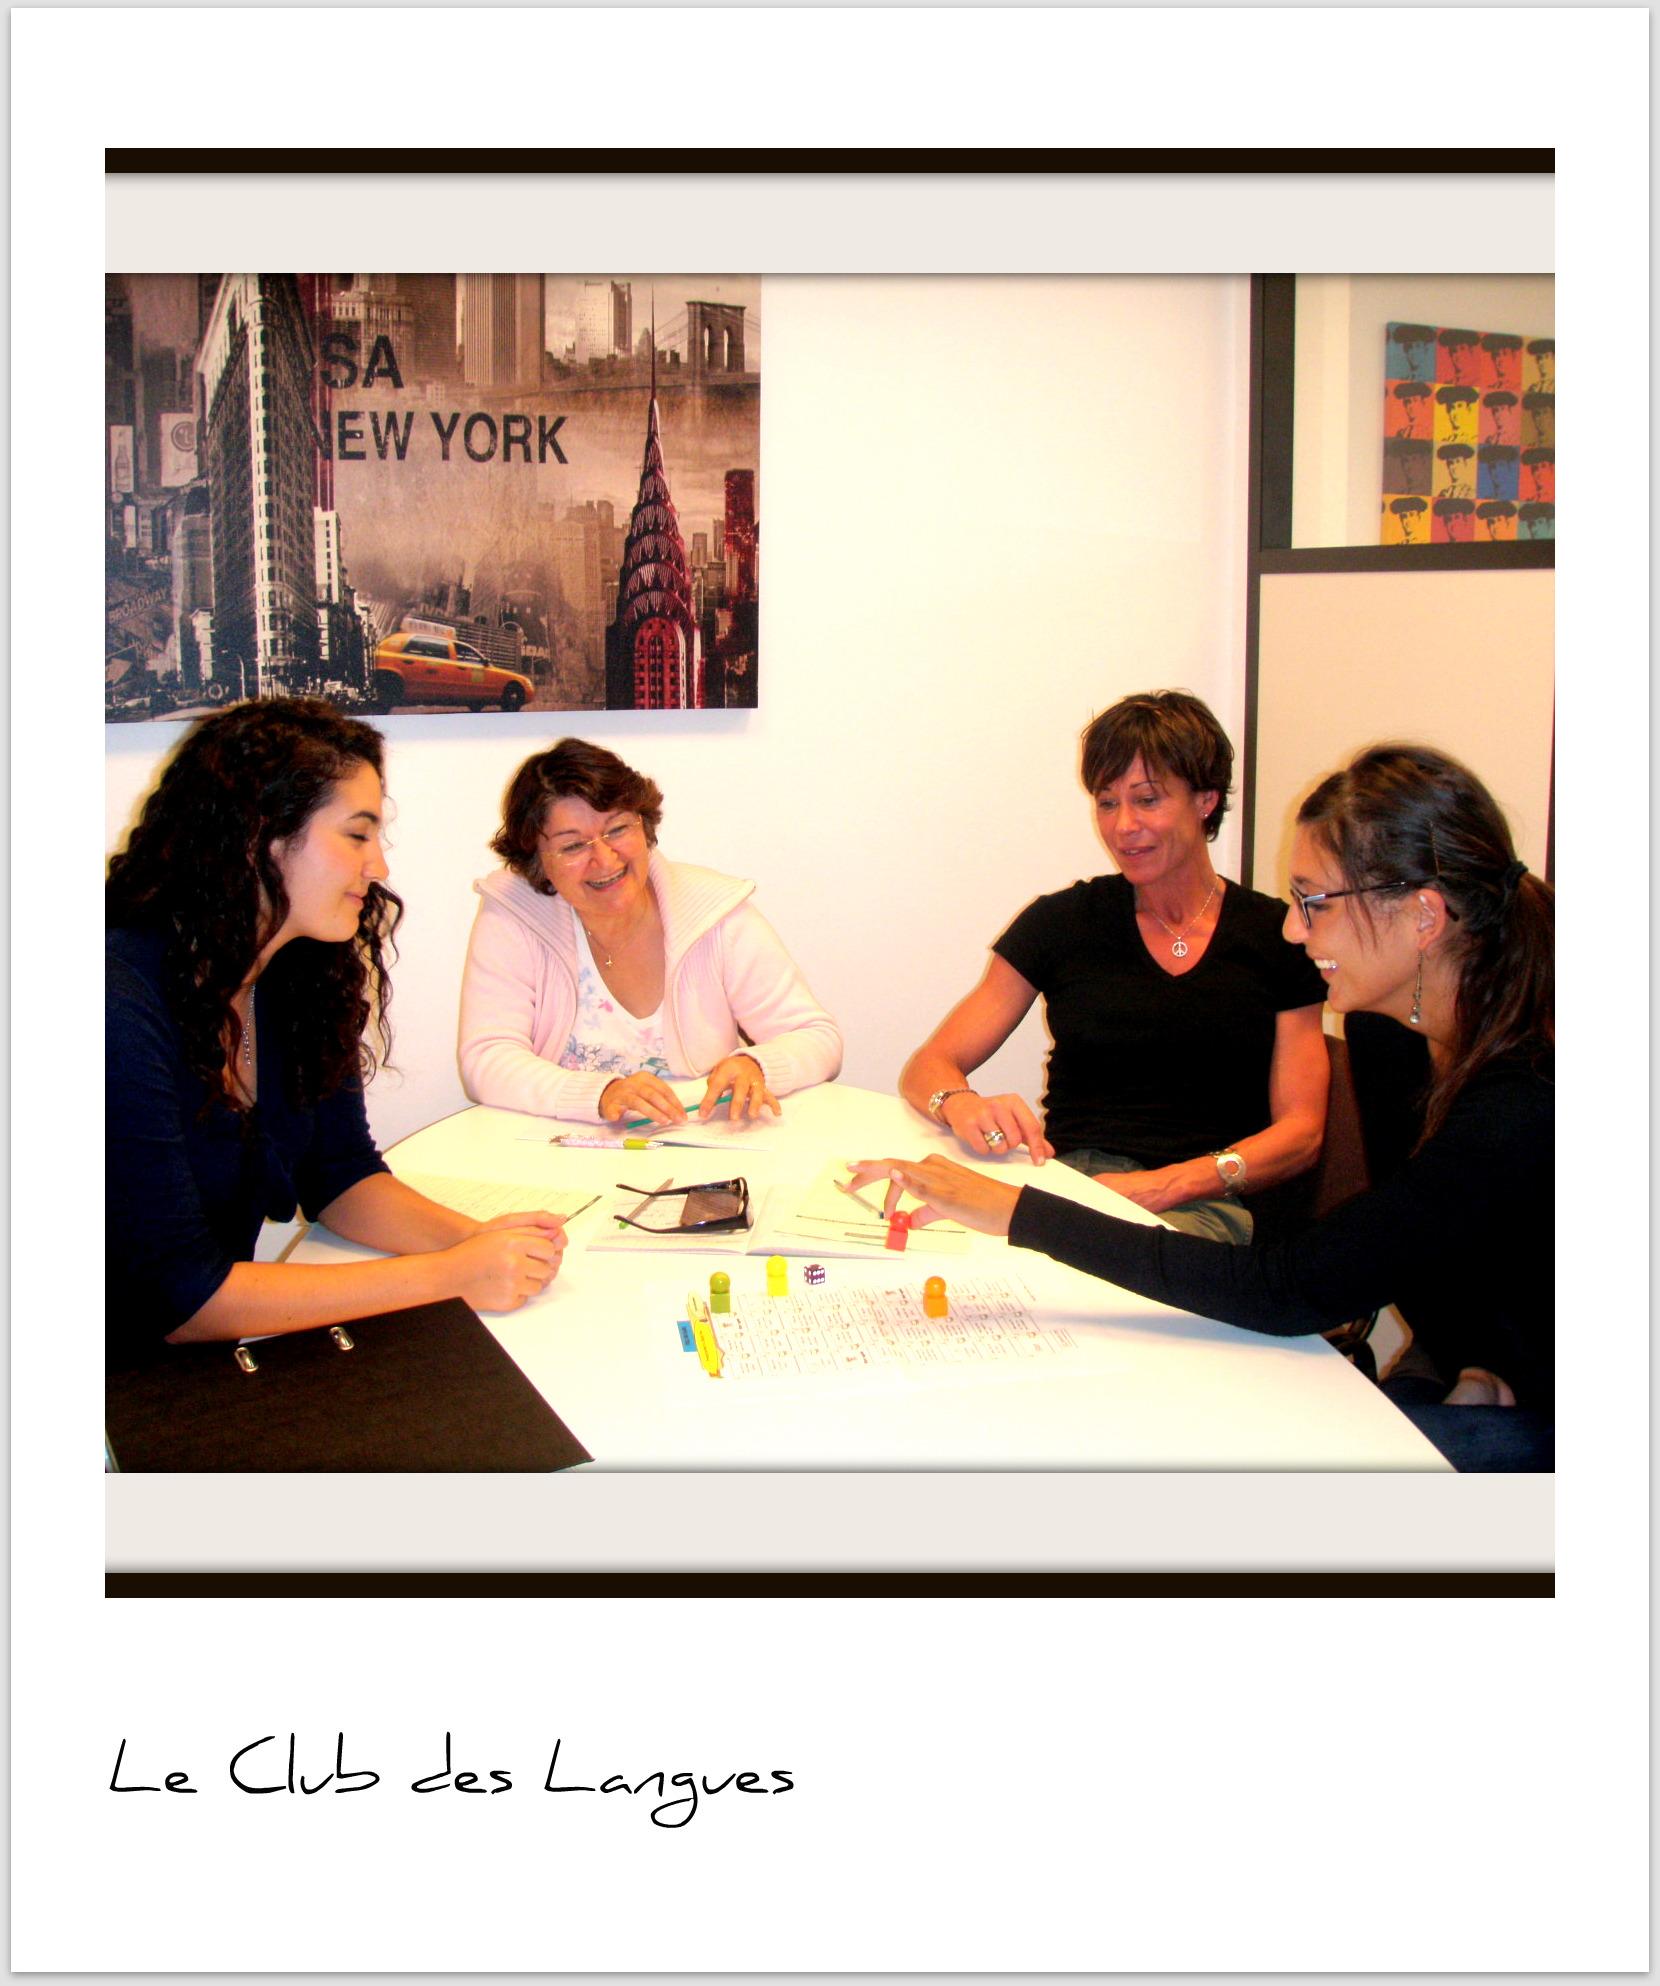 LE CLUB DES LANGUES